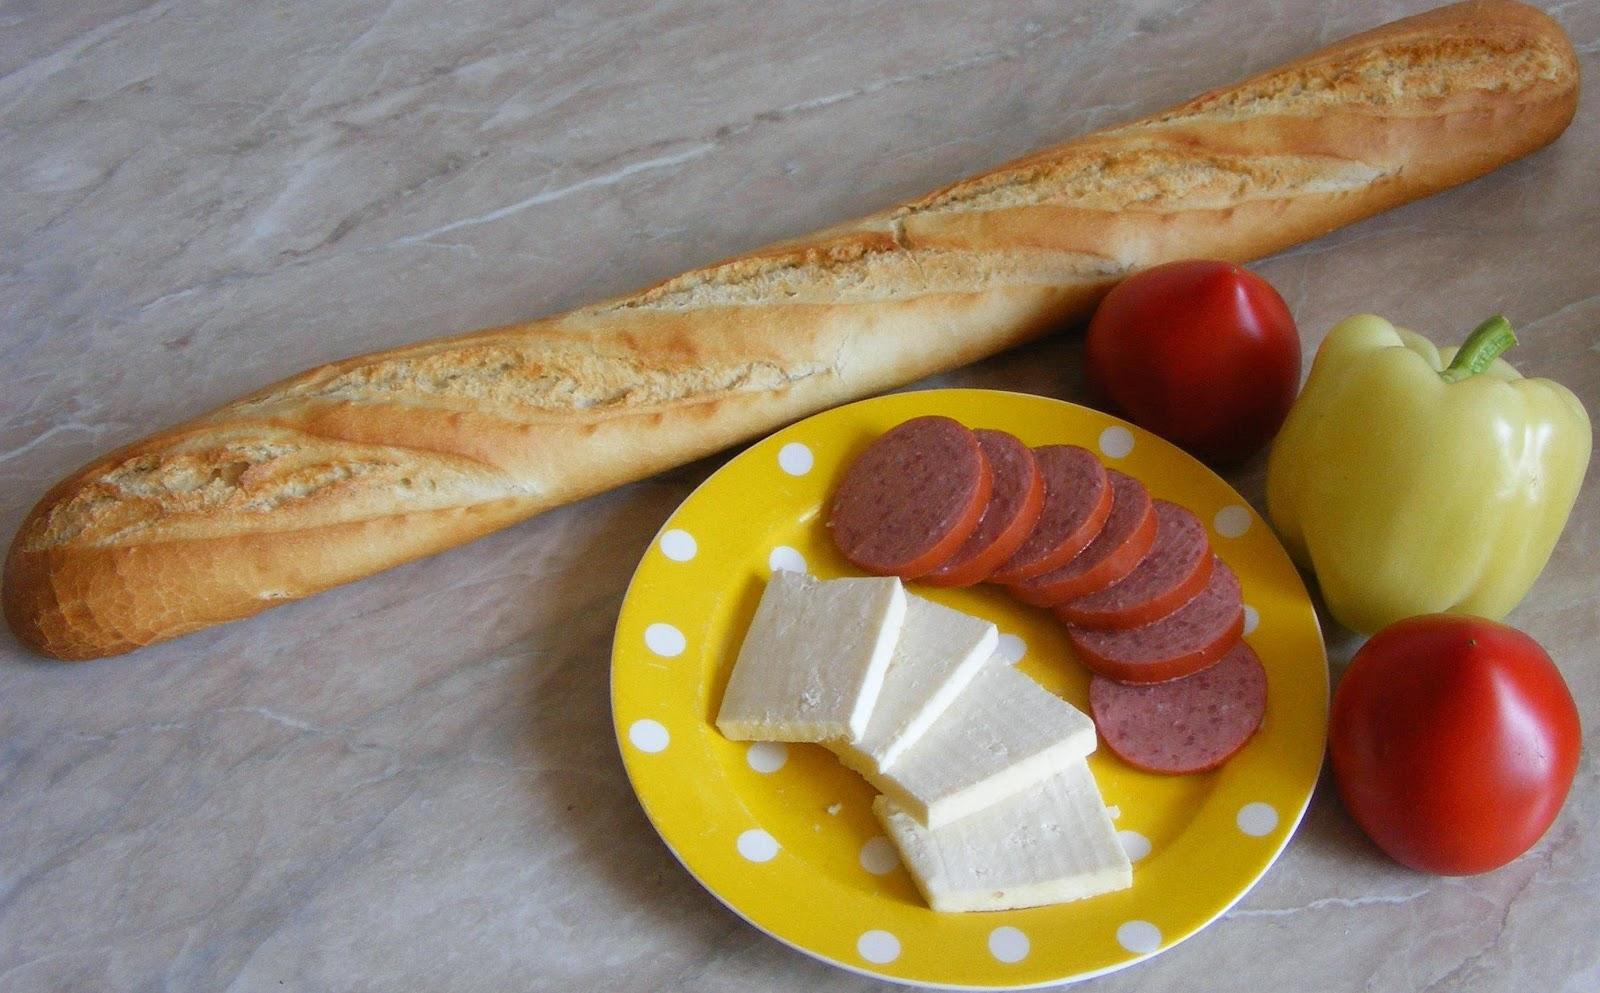 ingrediente bagheta cu crenvursti, ingrediente sandwich, ingrediente pentru sandwichuri, retete si preparate culinare sandwich din bagheta cu crenvursti, cum se prepara sandwich, cum facem sandwich,